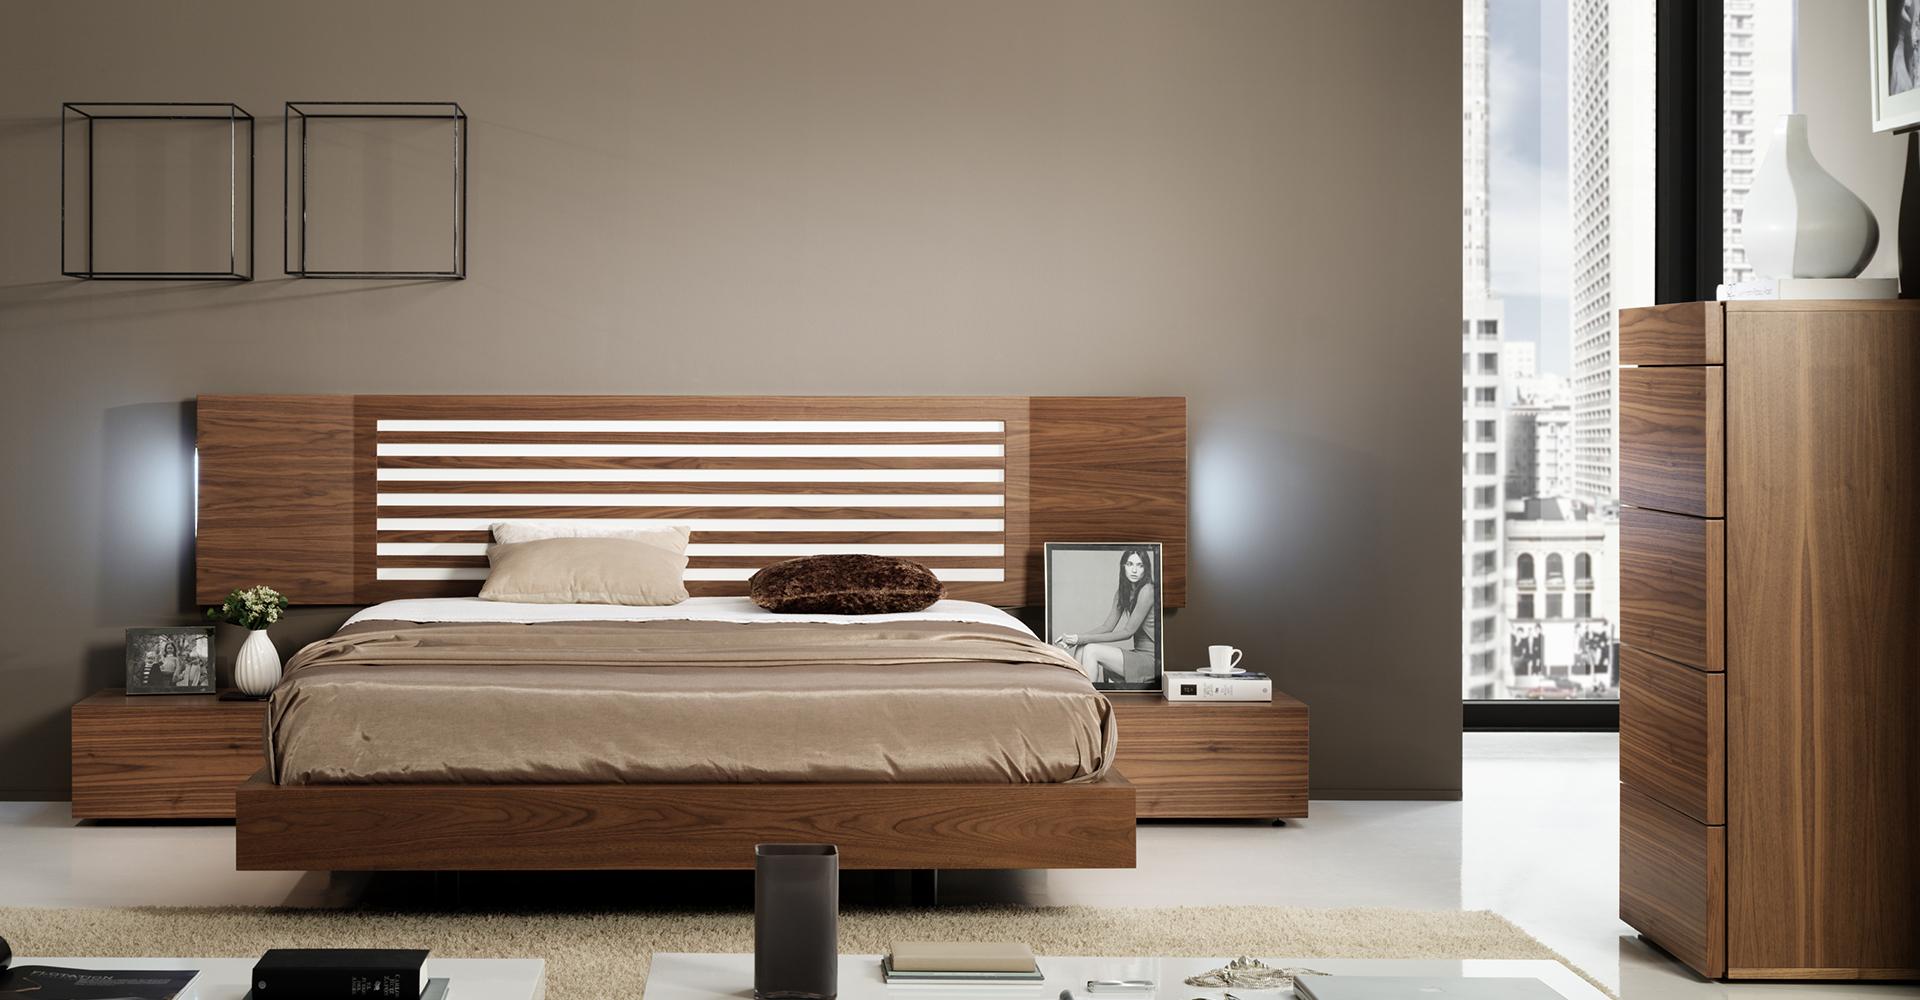 Dormitorios Modernos (34)